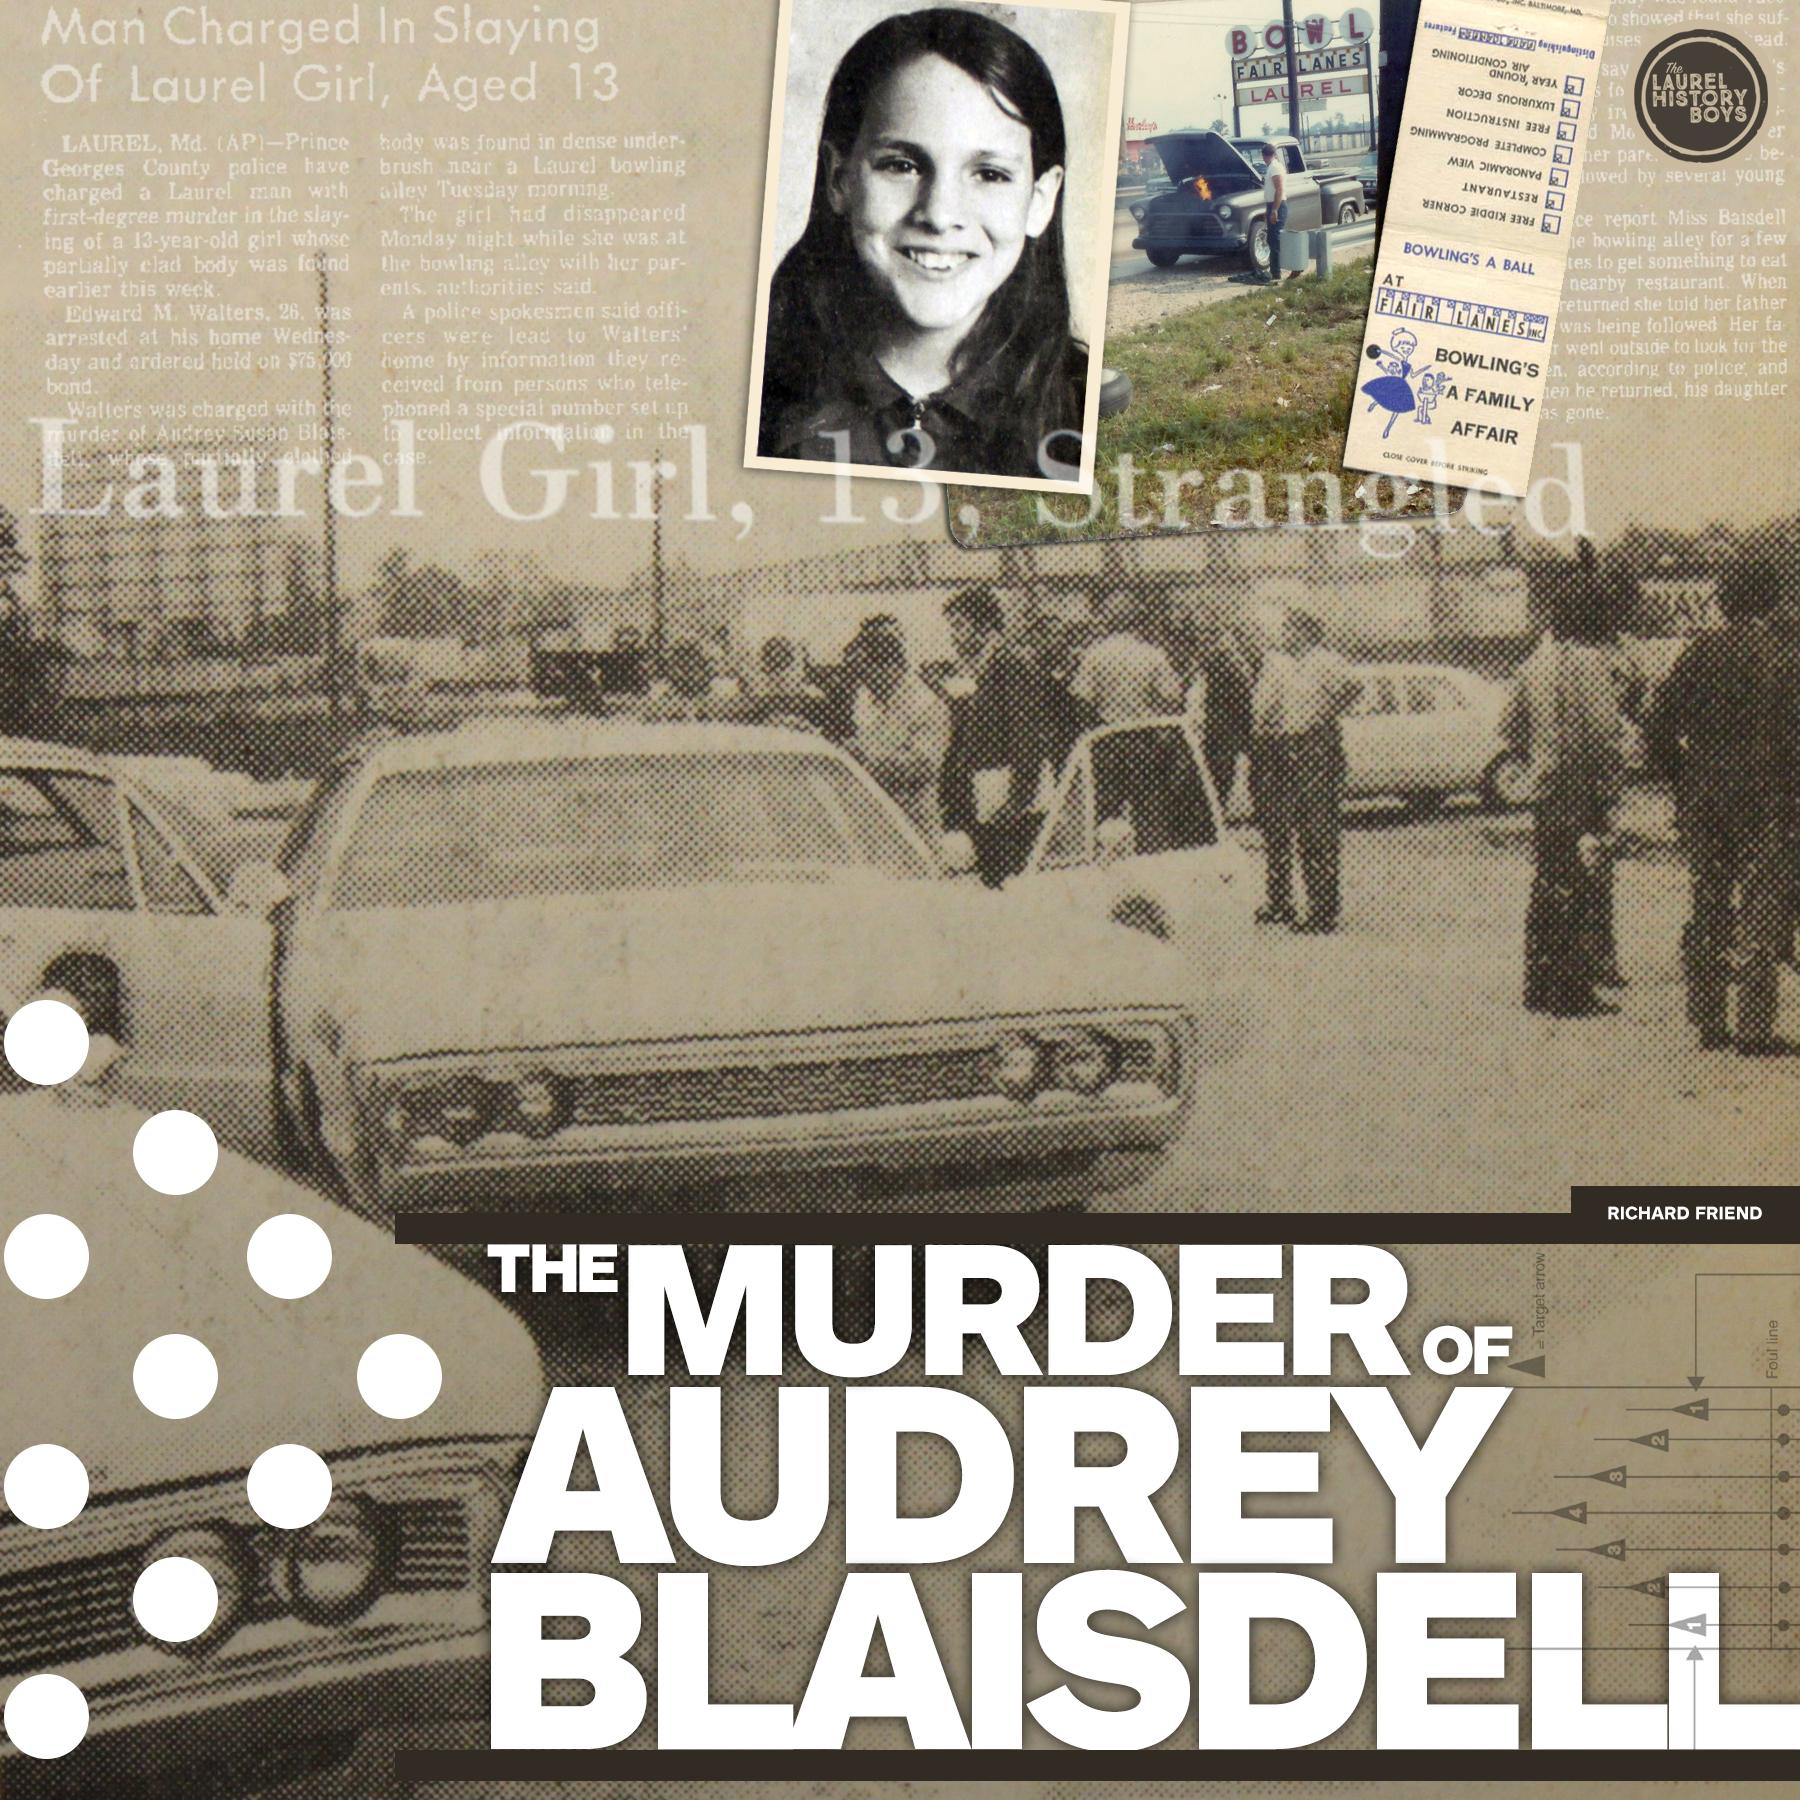 AUDREY-BLAISDELL-MURDER-COVER-2